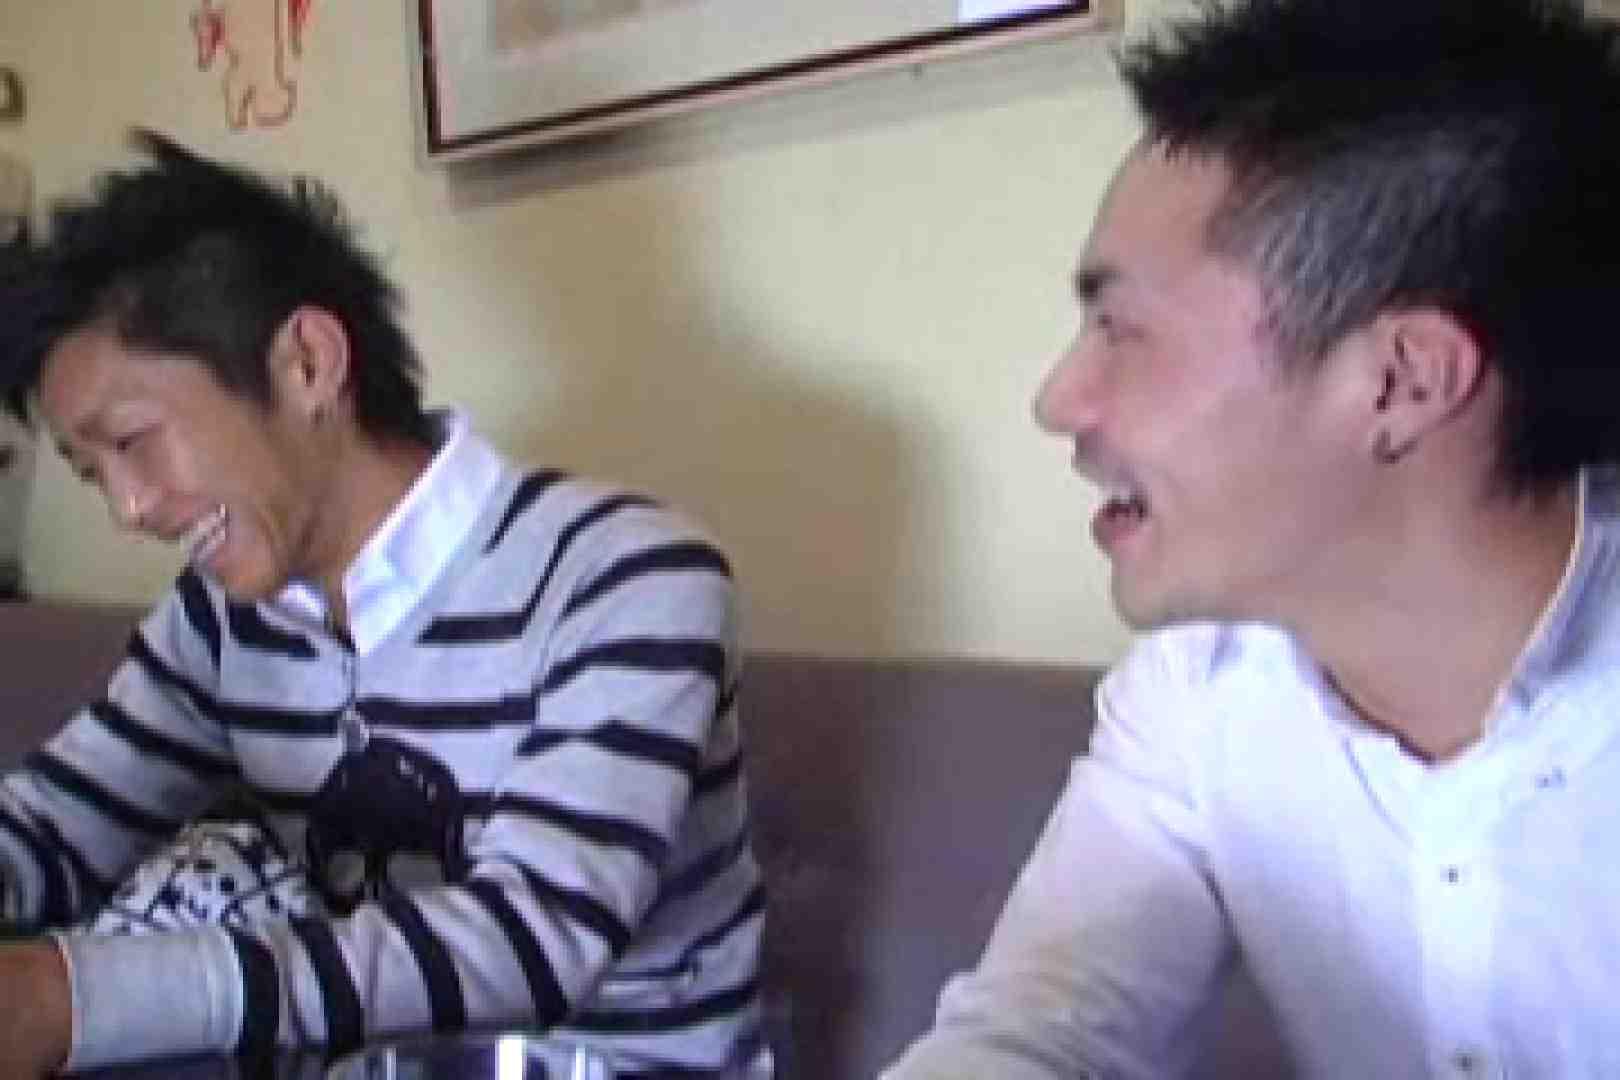 美men's達のForbidden World vol.4 入浴・シャワー丸見え ゲイエロ動画 63pic 37